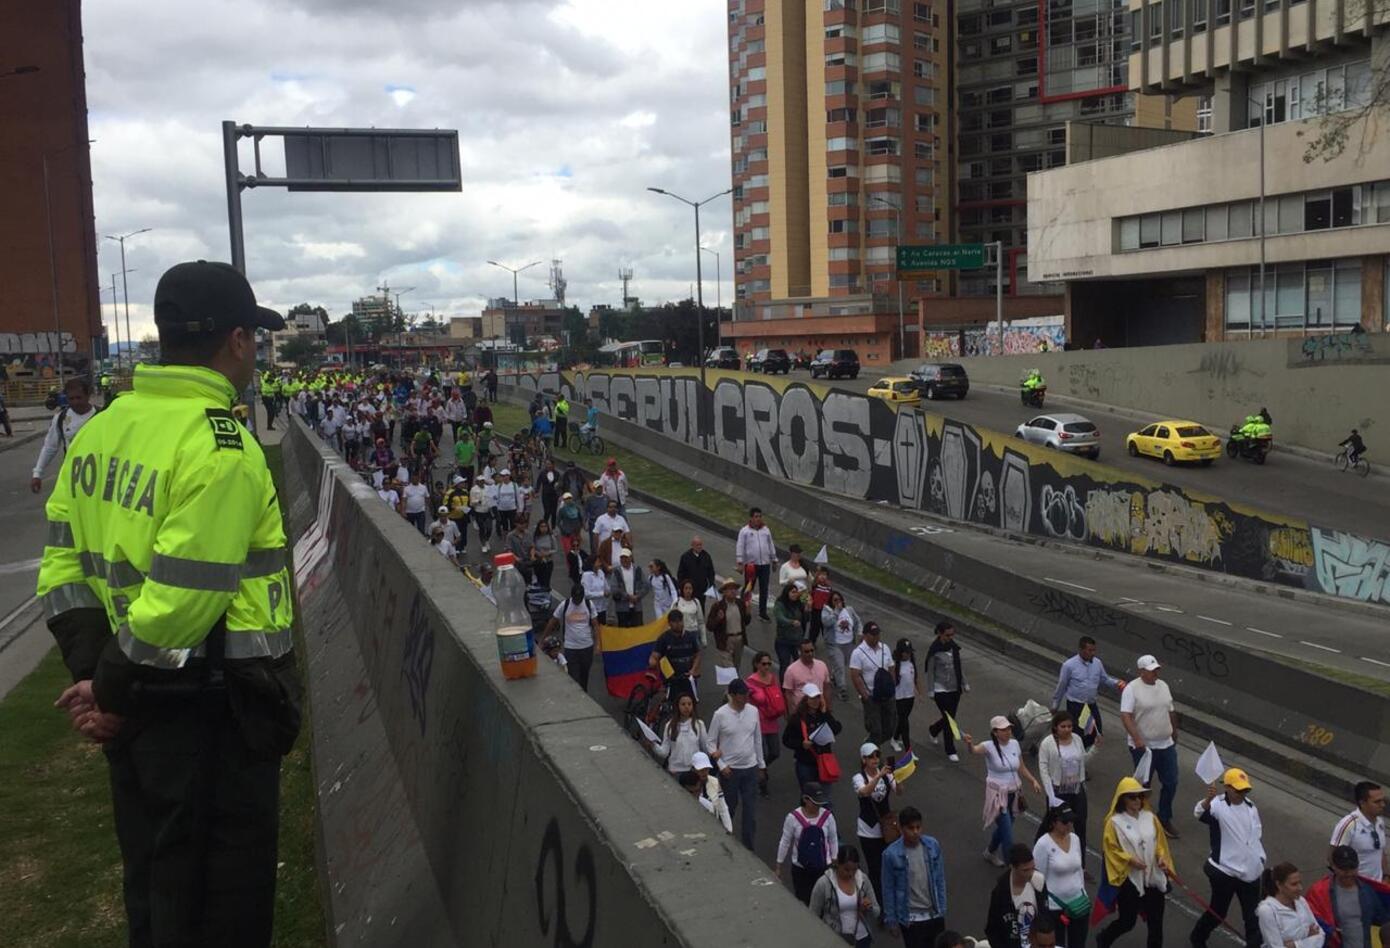 Los policías, hoy en día víctimas del terrorismo, también custodiaron la marcha contra el terrorismo.